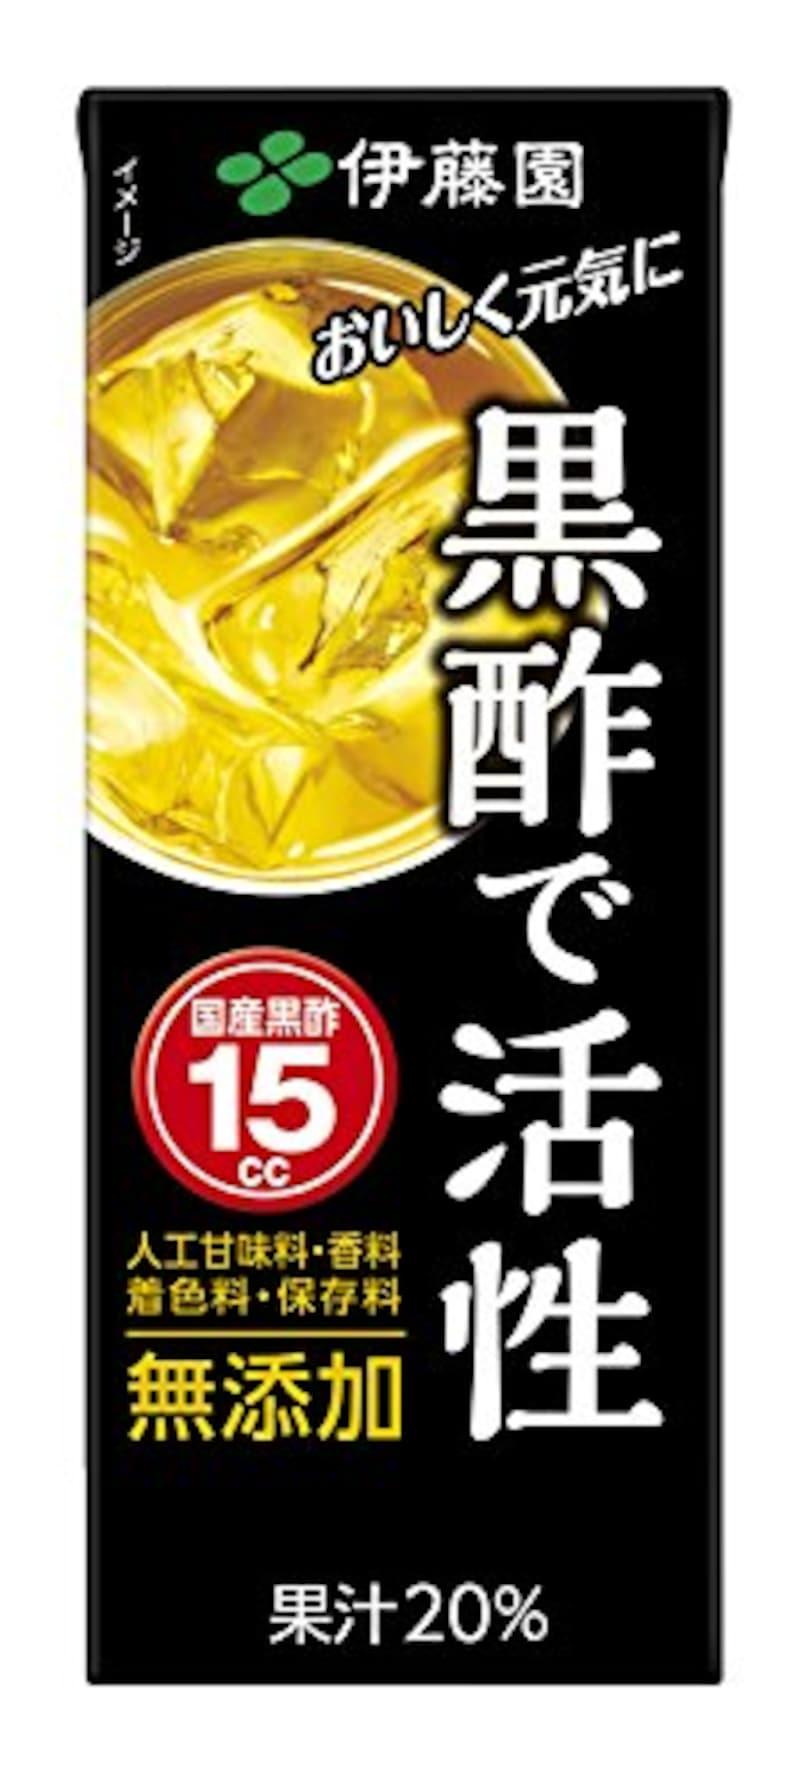 伊藤園,黒酢で活性